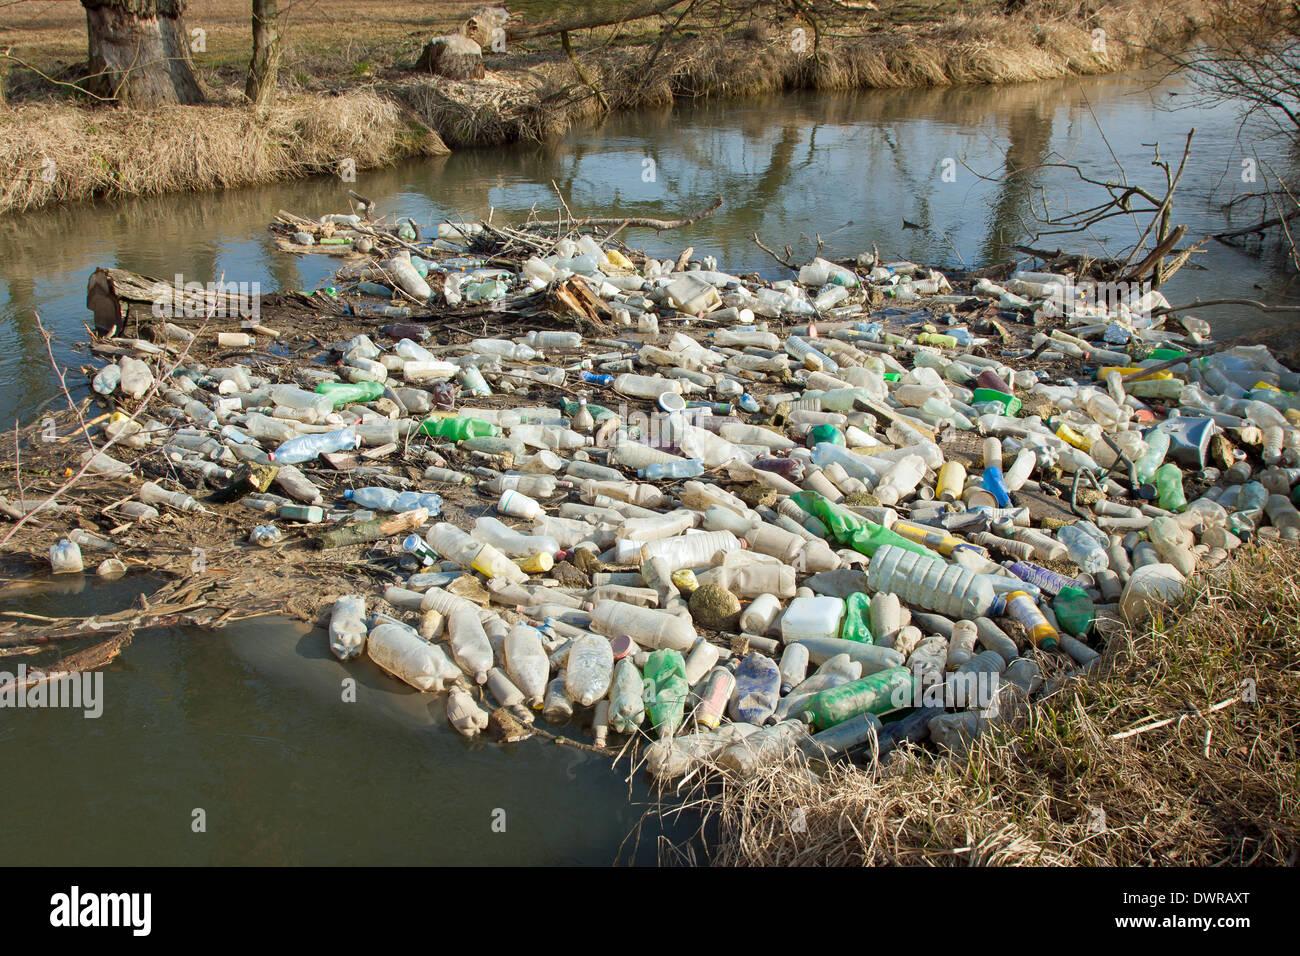 La pollution de l'environnement. Plastique, verre et déchets métalliques en rivière sur le début Photo Stock